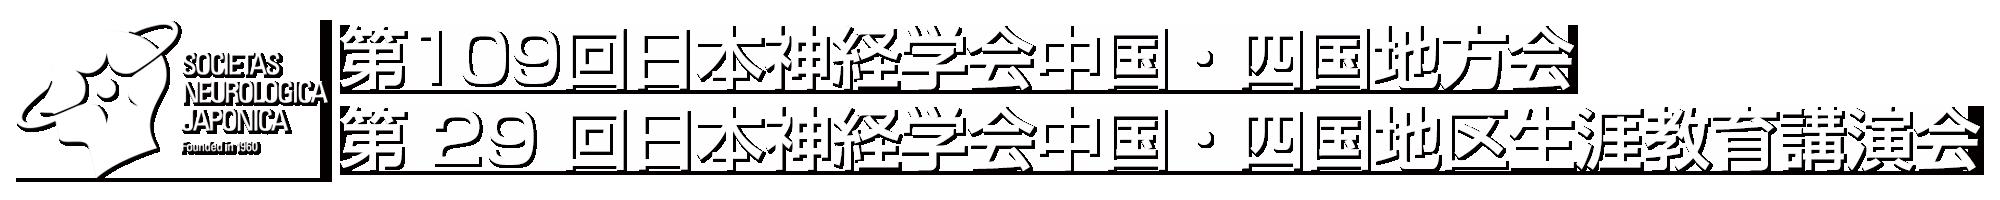 第109回日本神経学会中国・四国地方会/第29回日本神経学会中国・四国地区生涯教育講演会